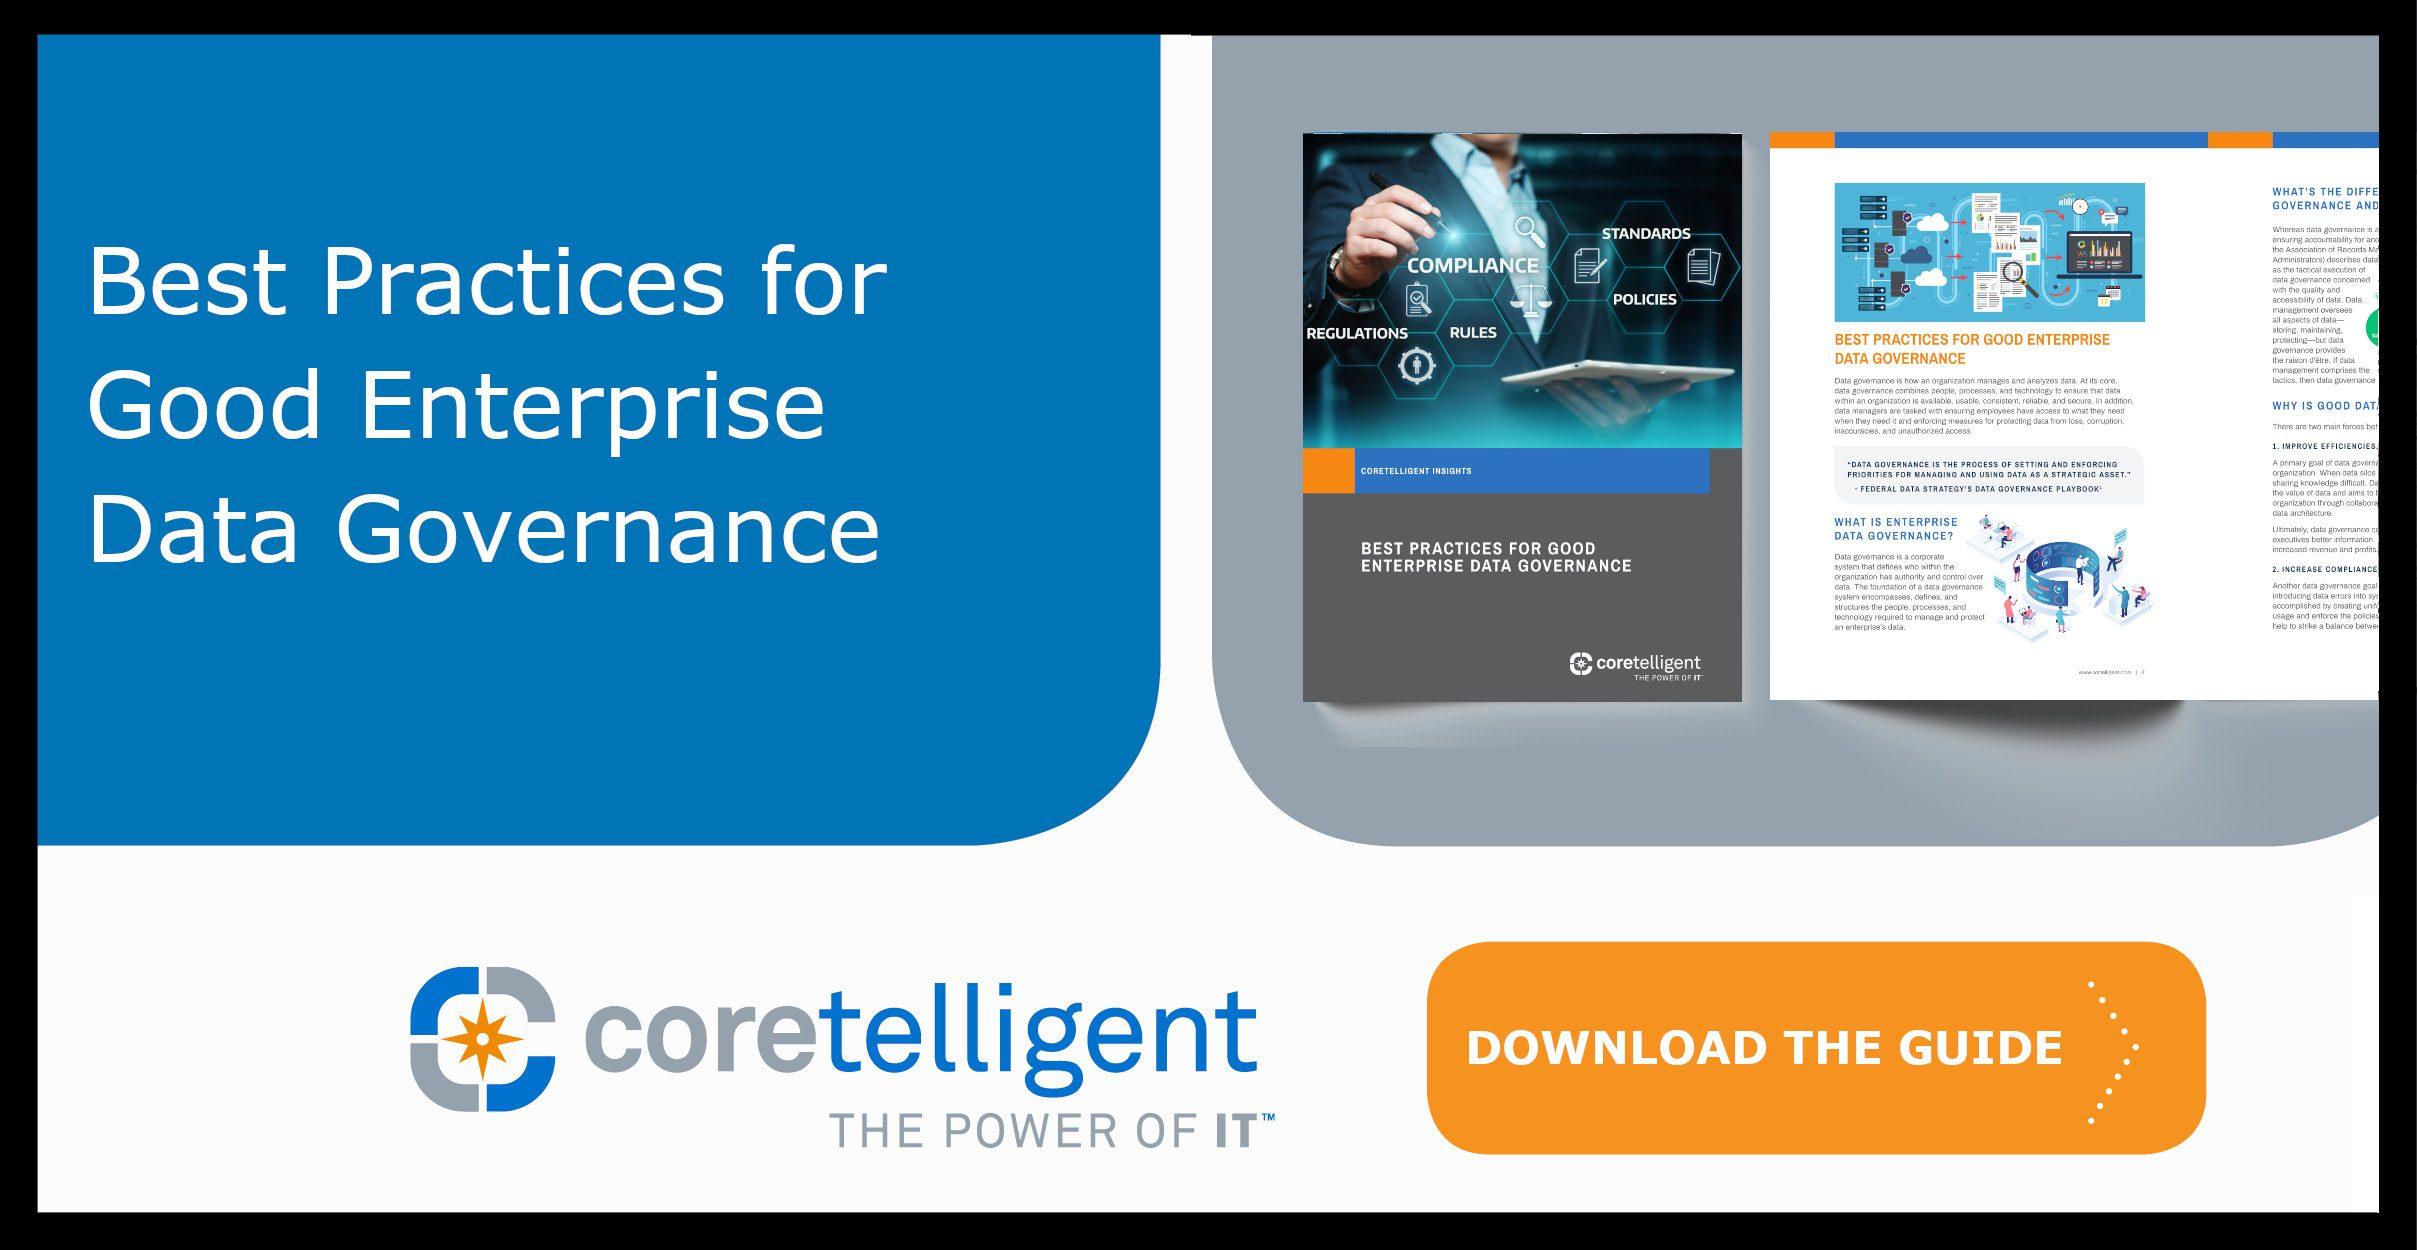 Best Practices for Good Enterprise Data Governance